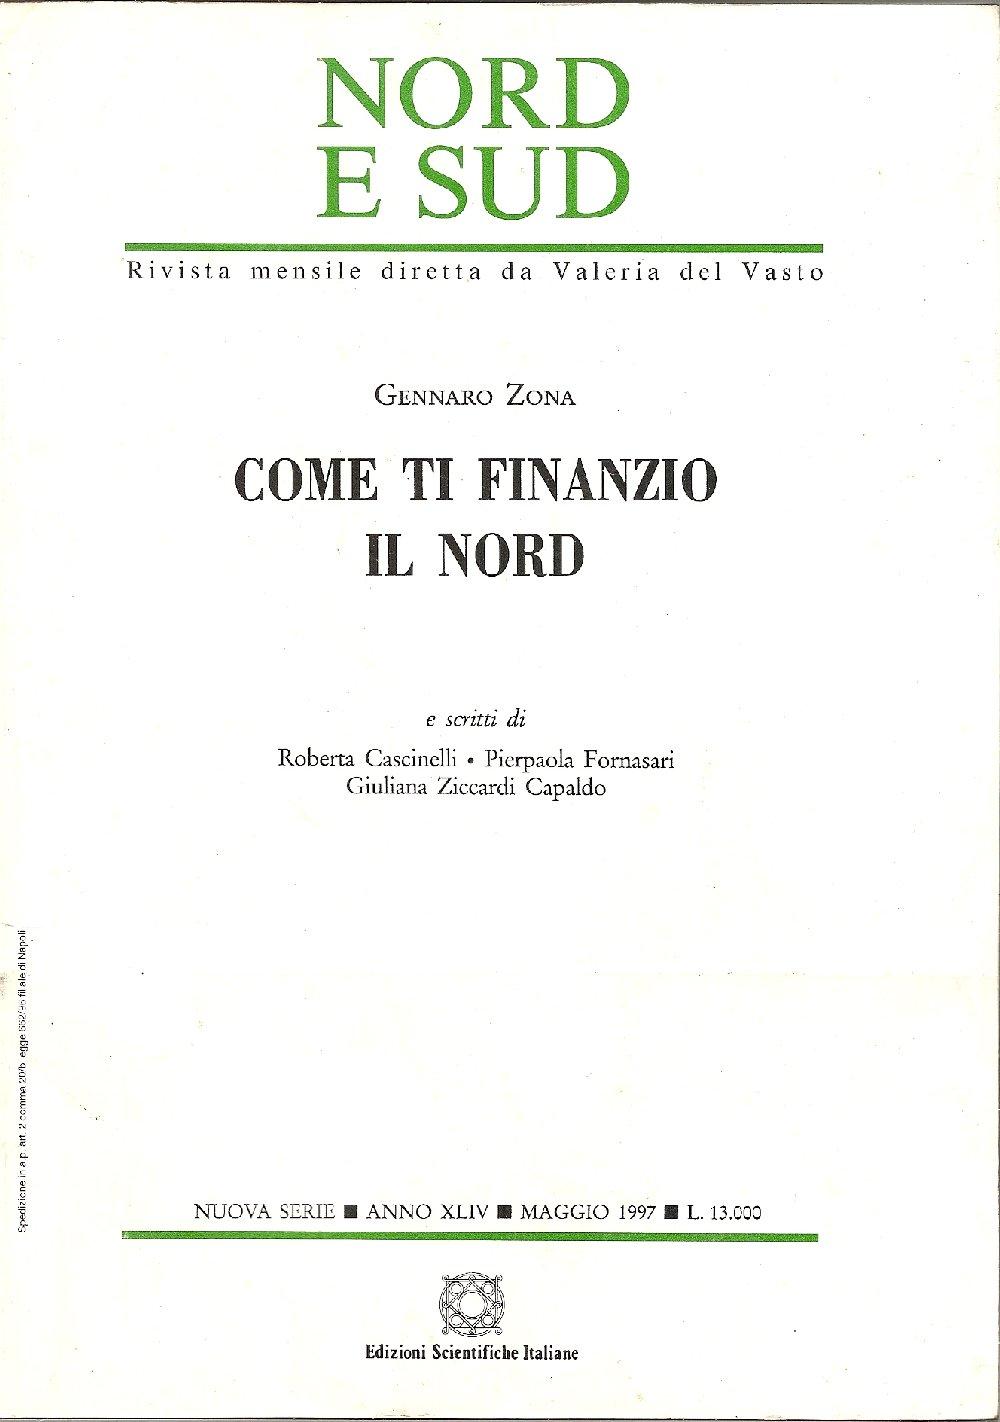 zona_come_ti_finanzio_il_nord